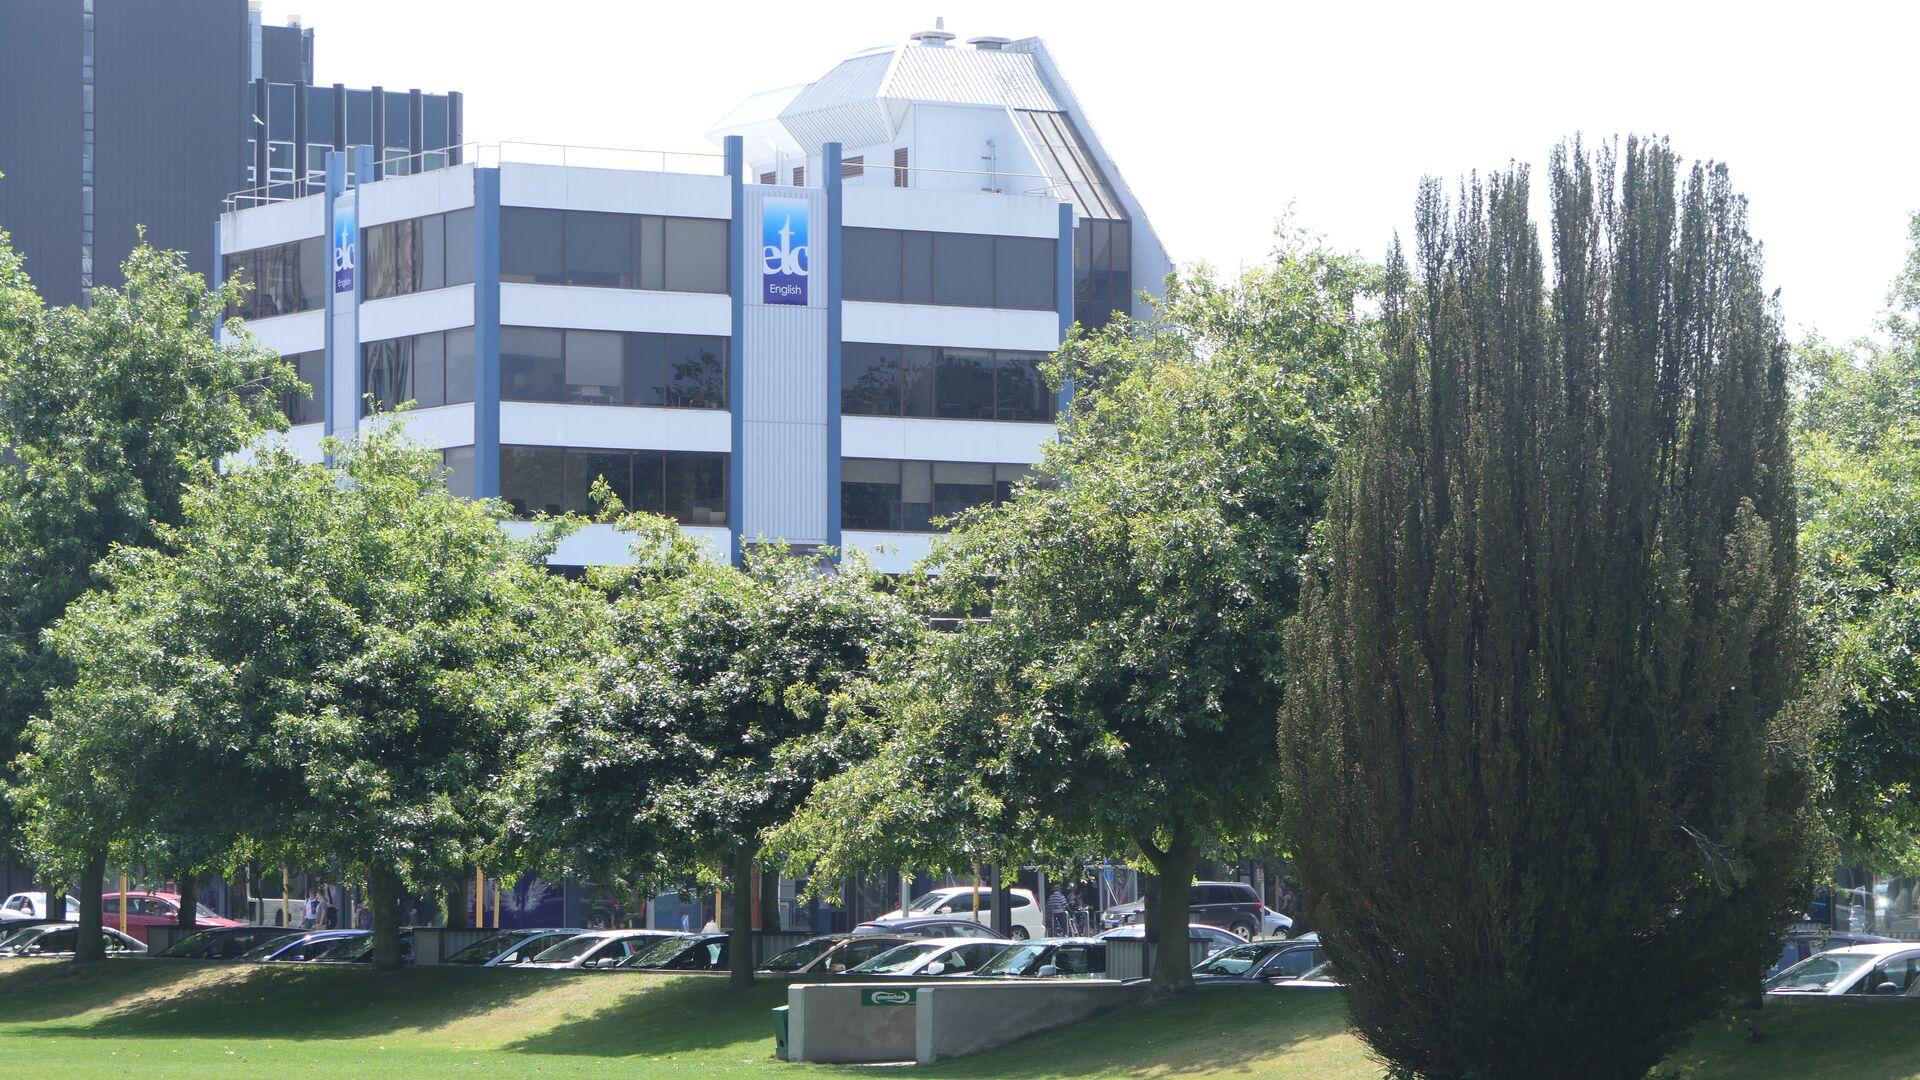 Séjour linguistique Nouvelle Zélande - Wellington - ETC Wellington - École